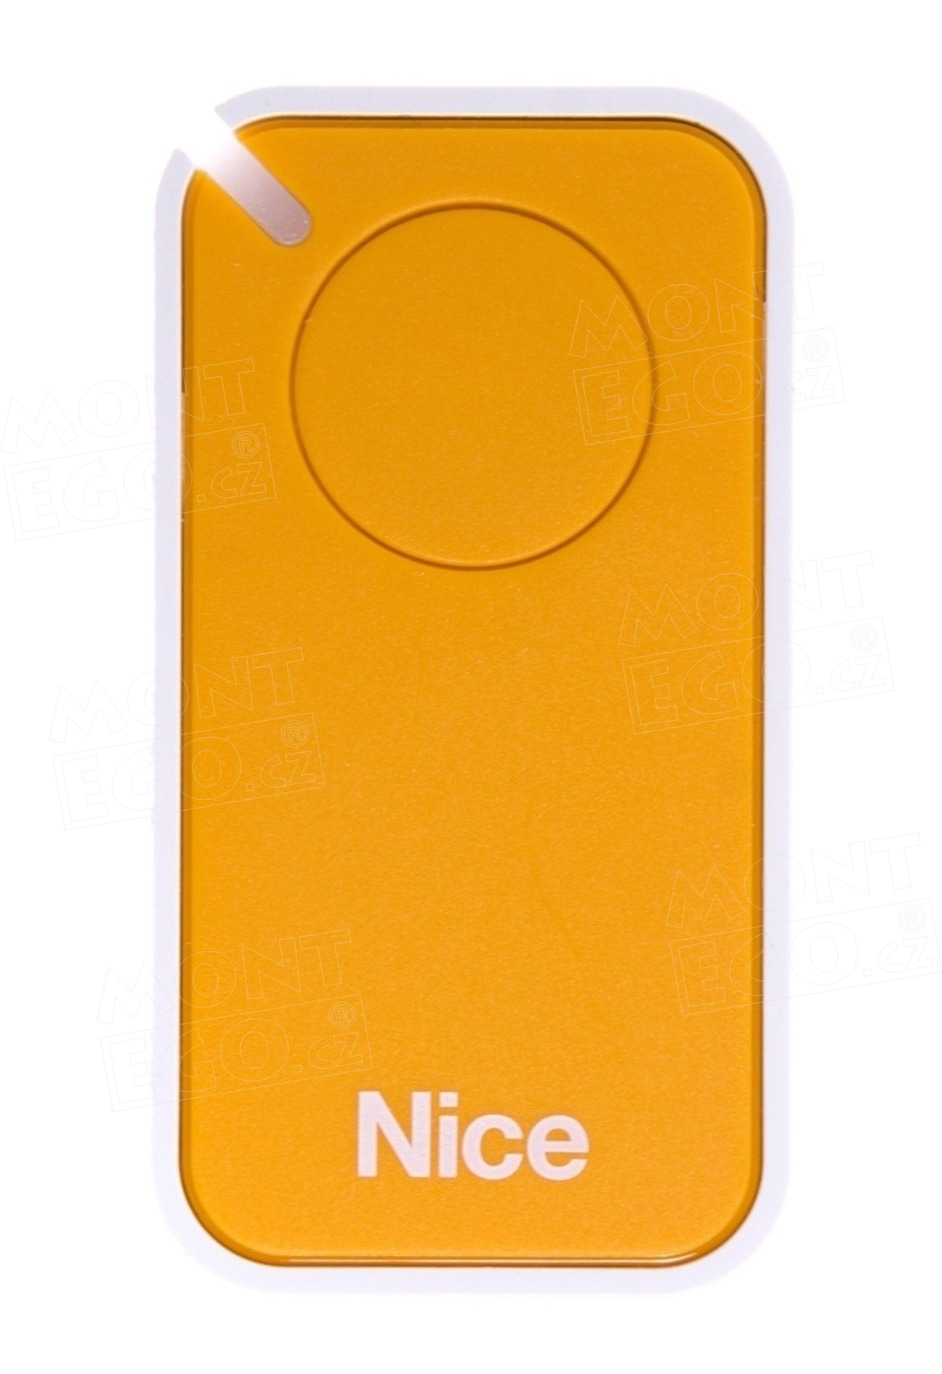 Dálkový ovladač Nice INTI1Y, jednokanálový, žlutý, Nice ERA INTI